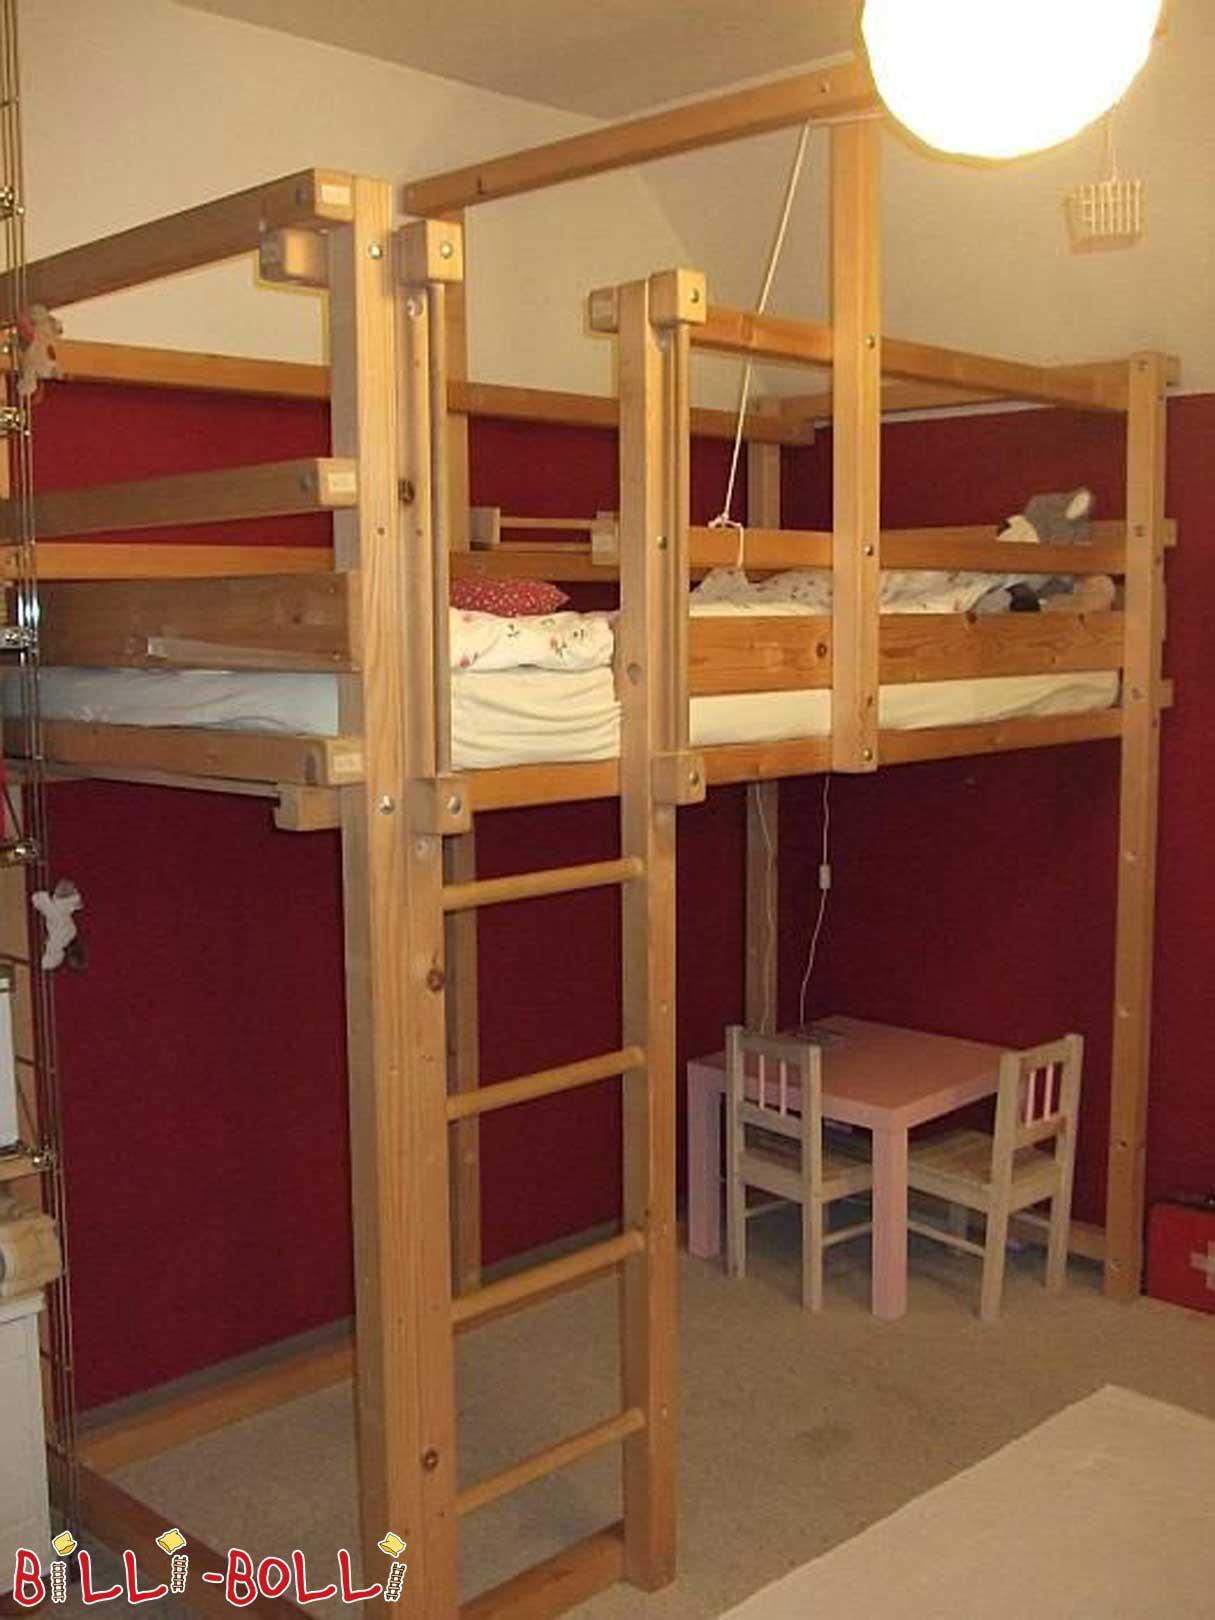 secondhand seite 133 billi bolli kinderm bel. Black Bedroom Furniture Sets. Home Design Ideas